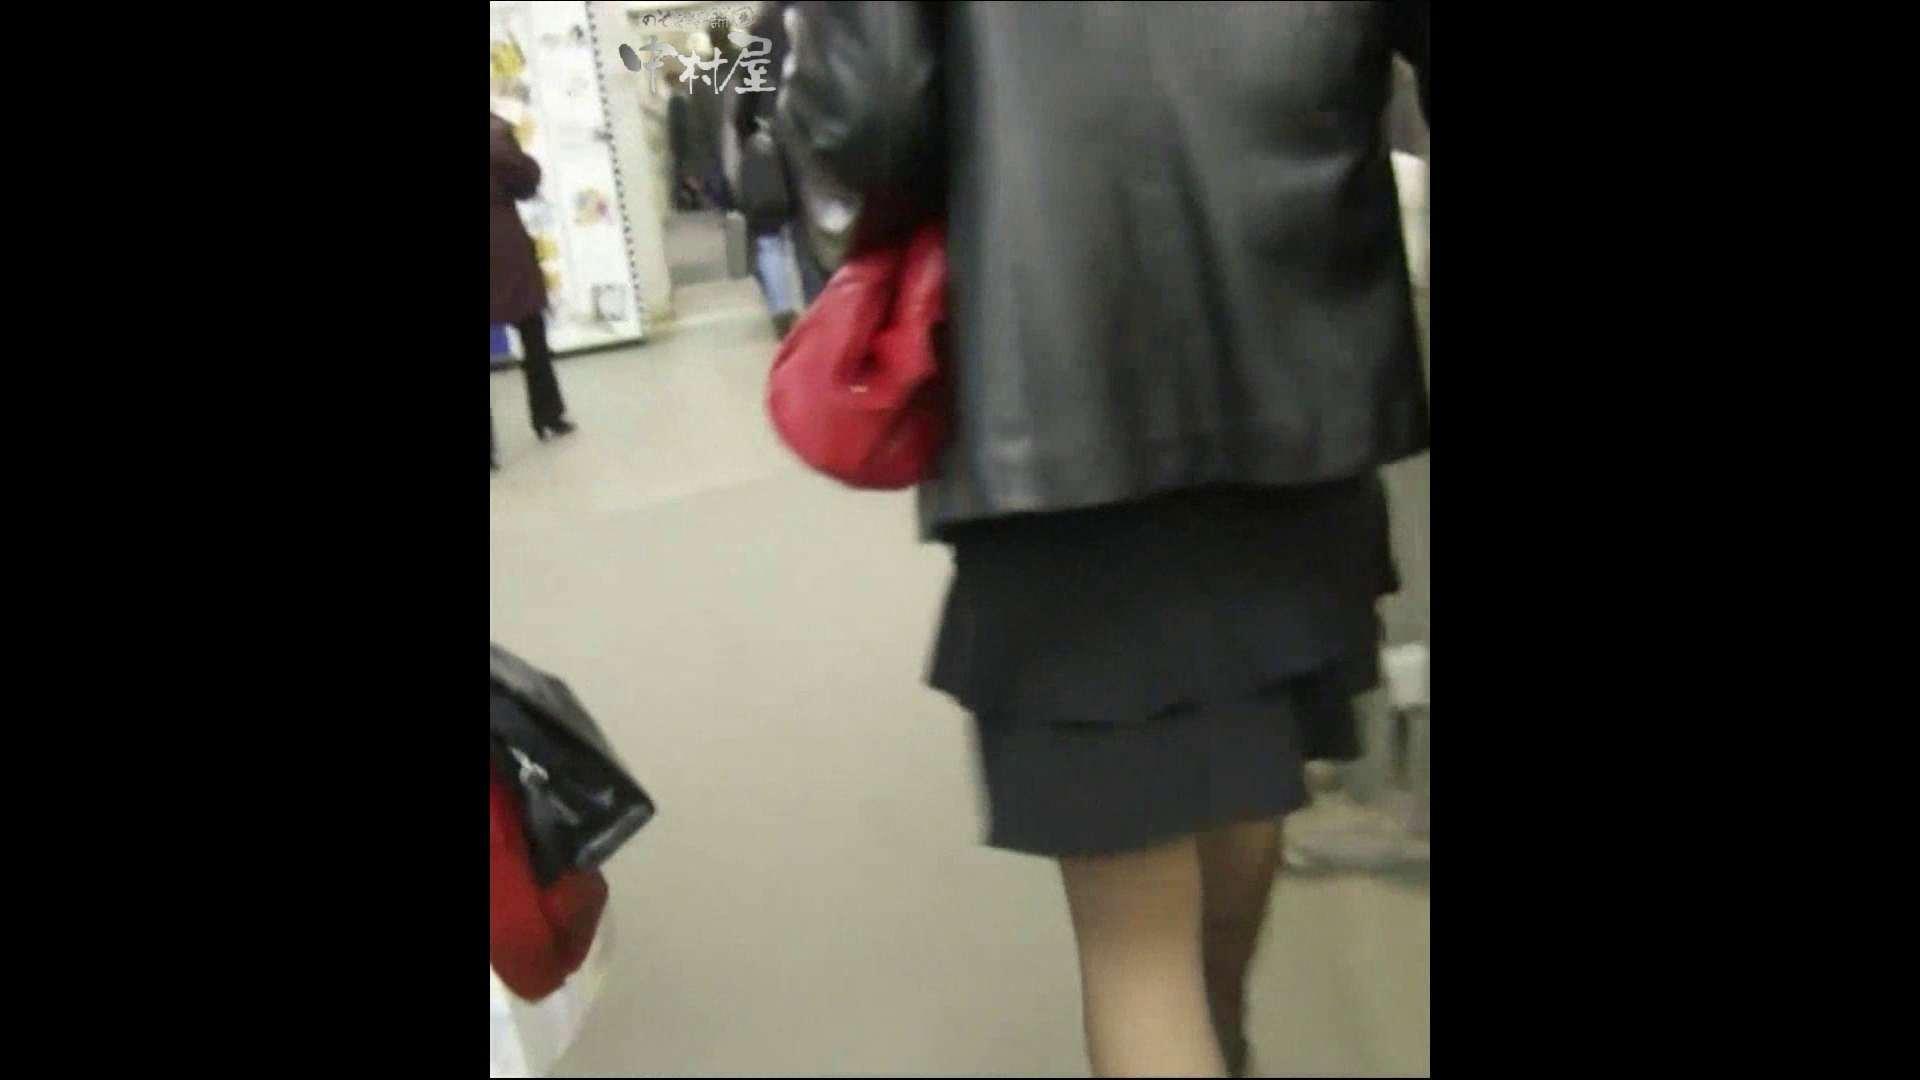 綺麗なモデルさんのスカート捲っちゃおう‼ vol16 OLセックス   お姉さんヌード  100画像 67